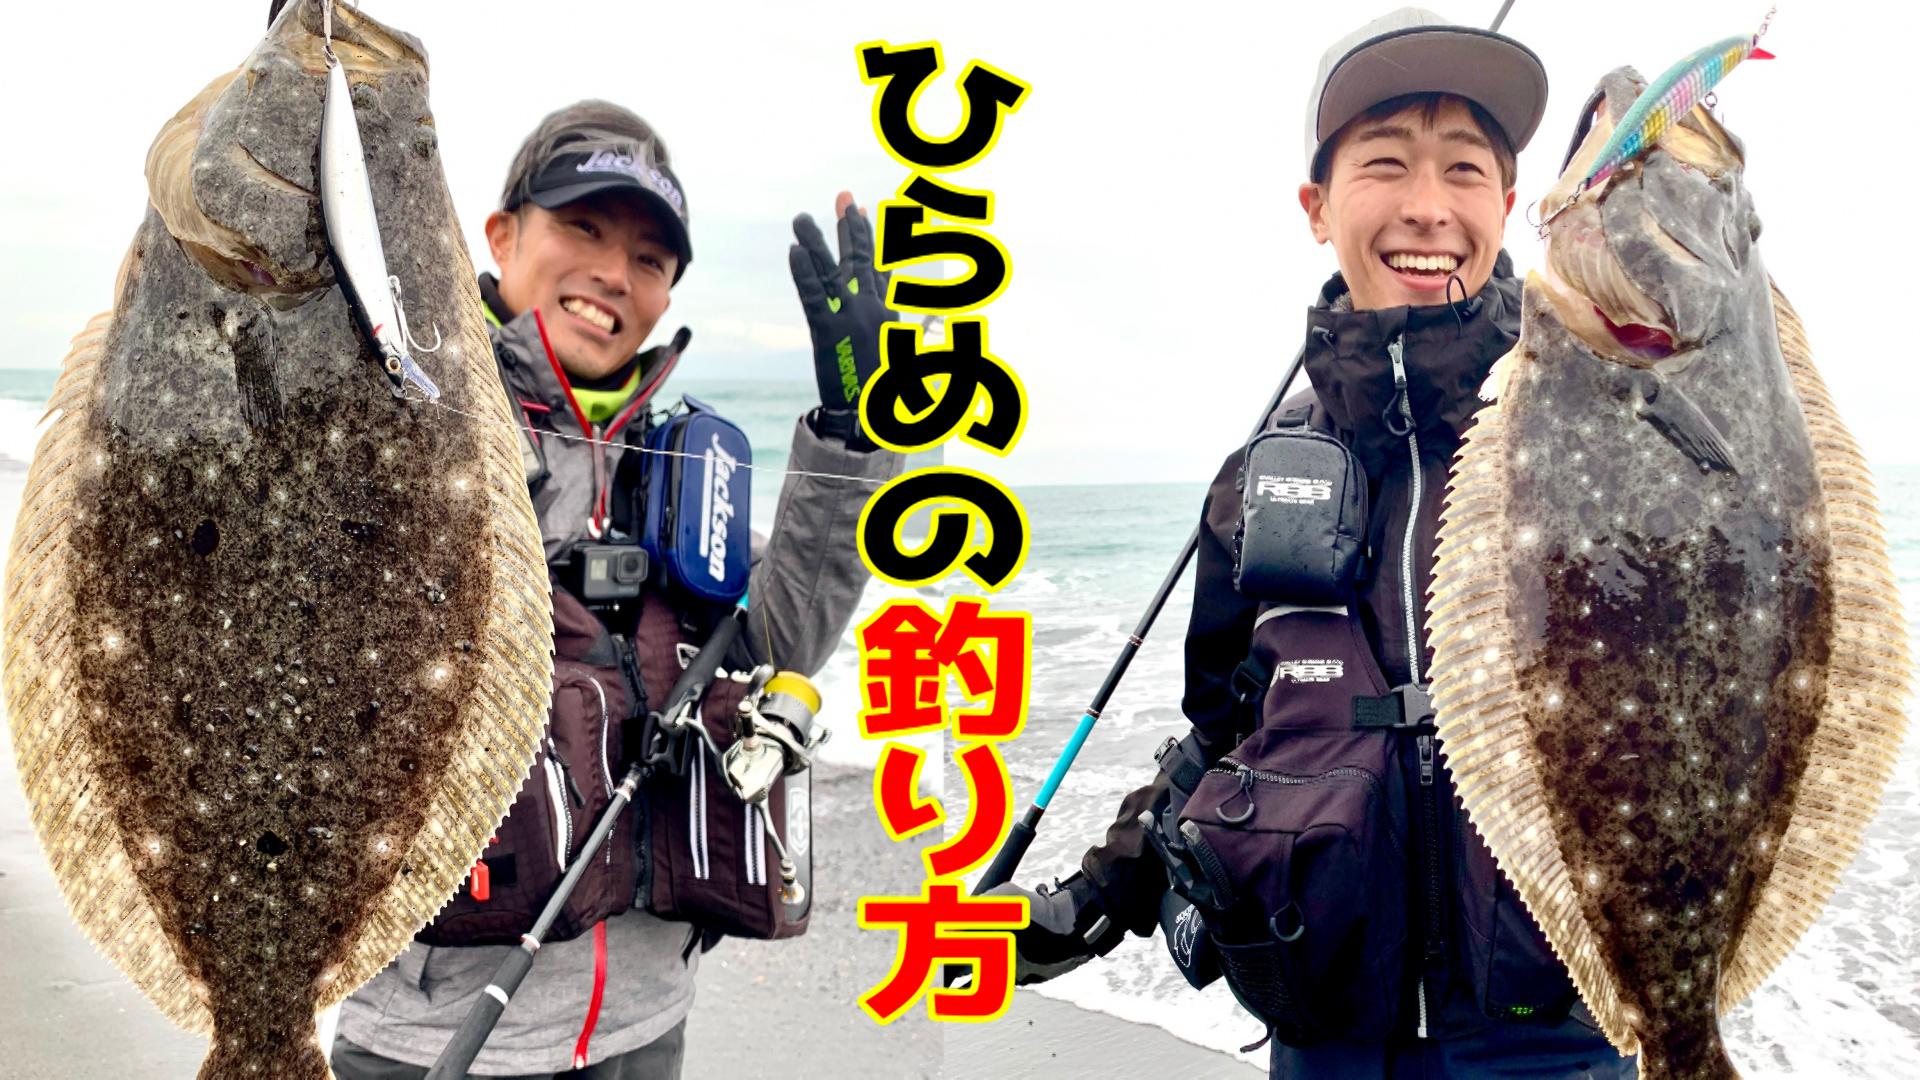 【ヒラメ釣り】魚がいないと感じたらランガンでブレイク(かけあがり)を攻める!!